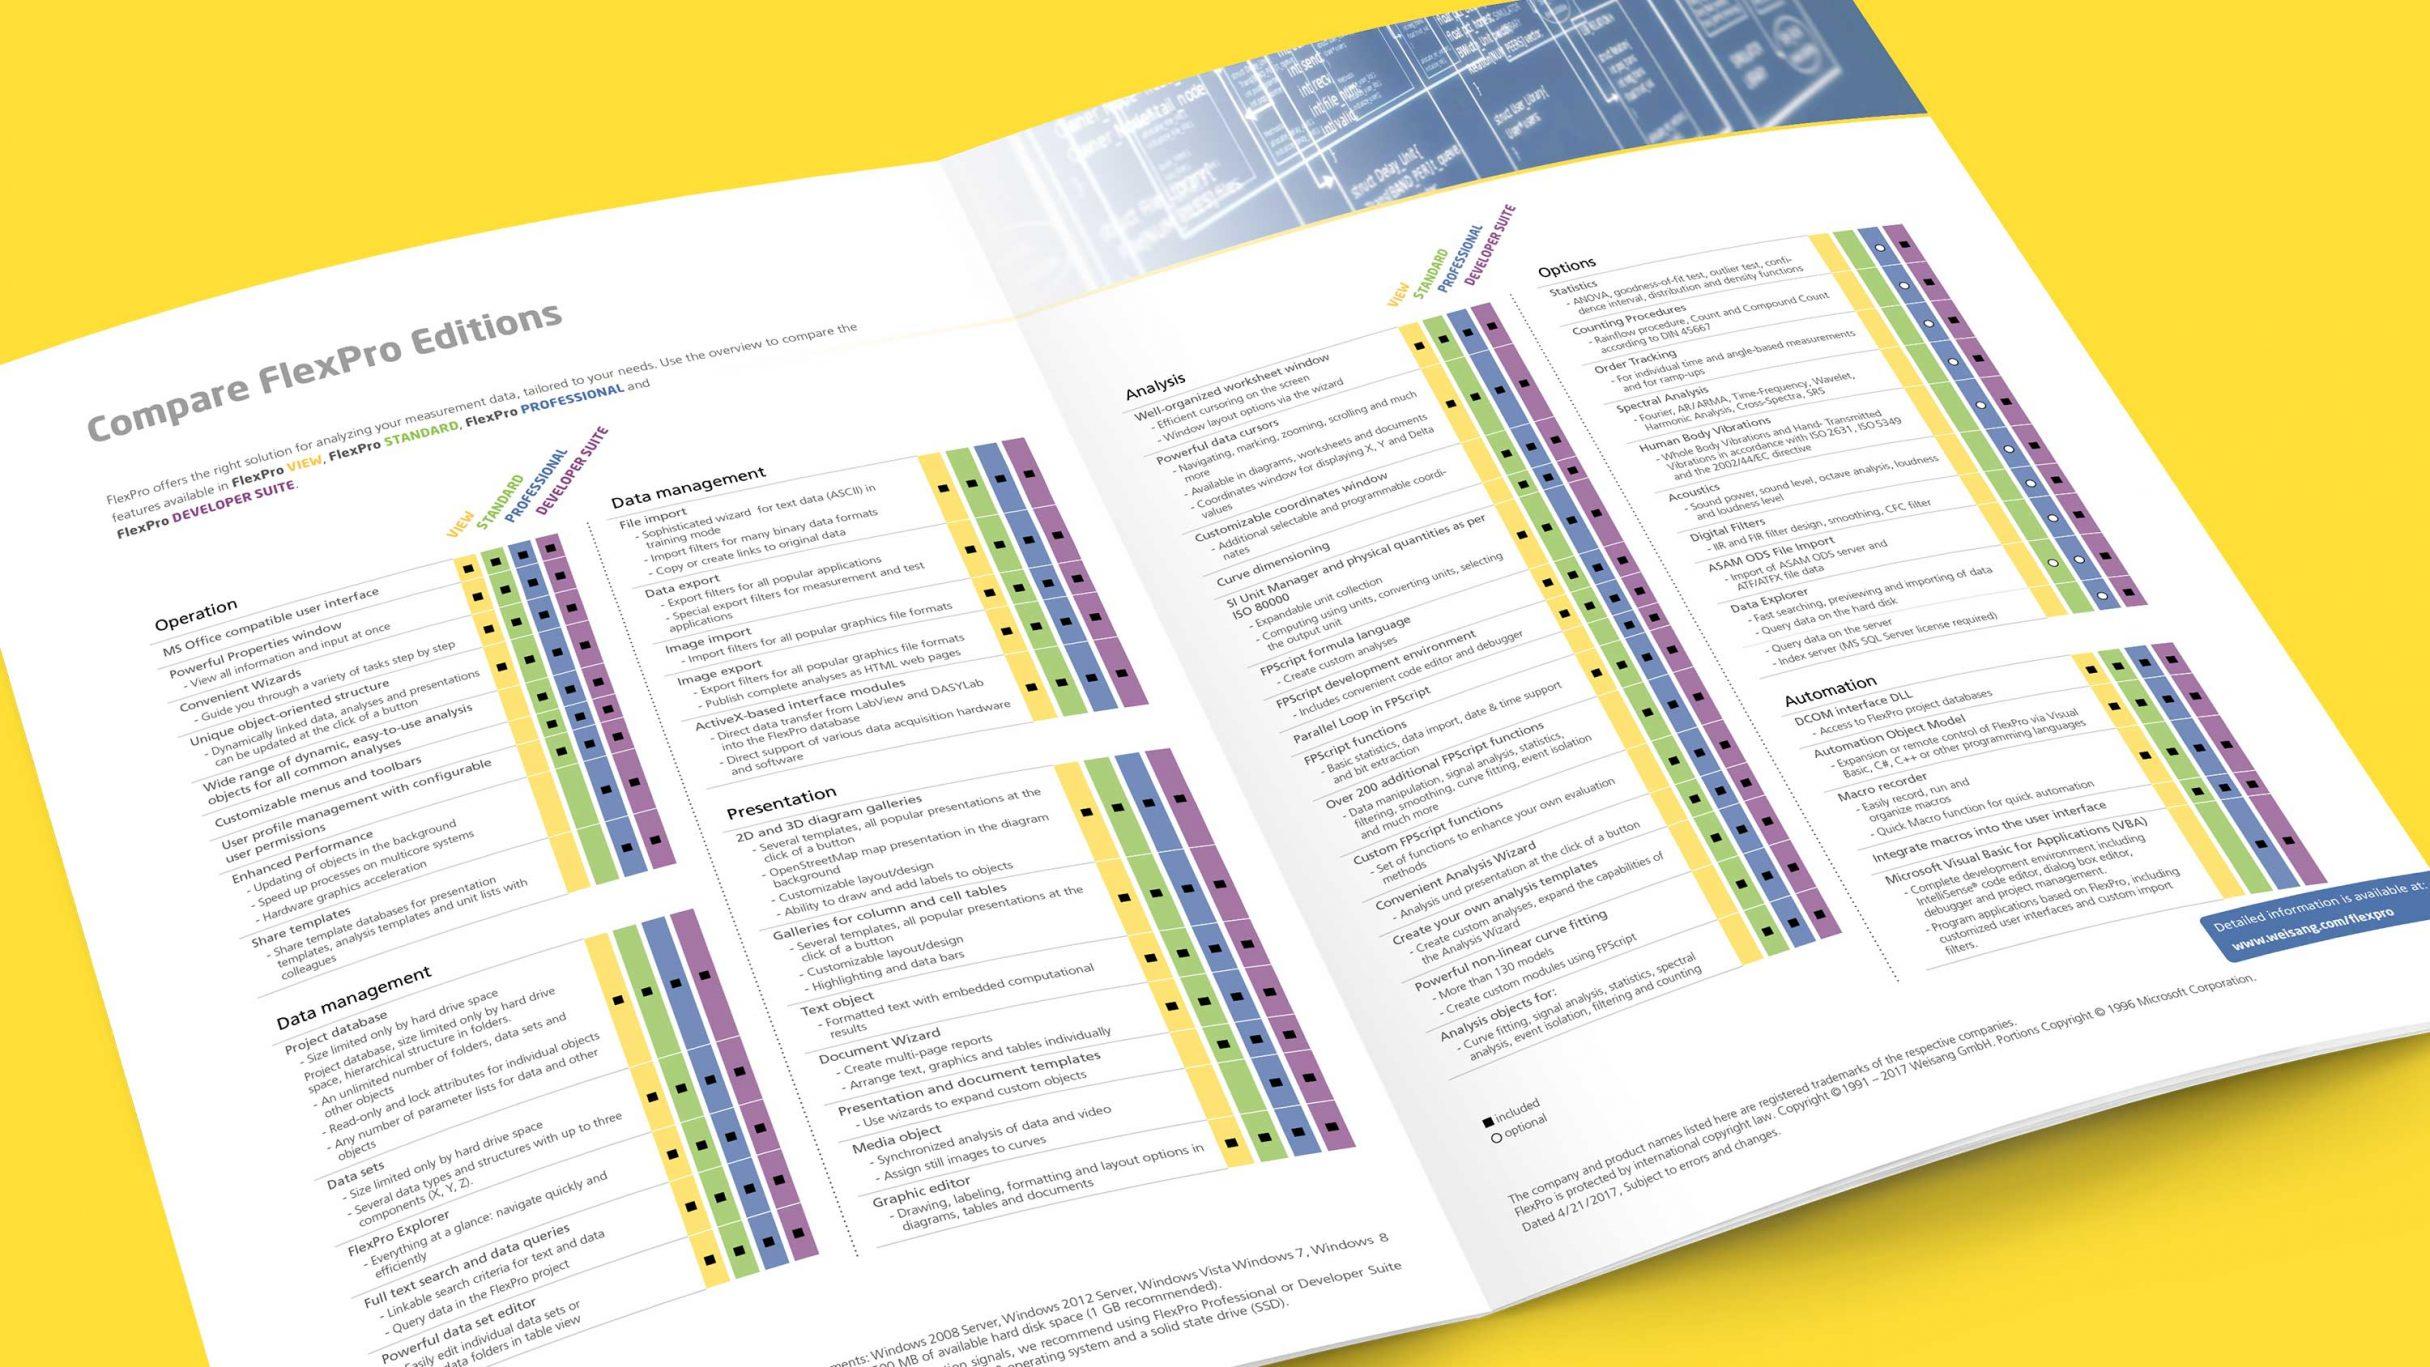 Magazin, Markenkommunikation, FlexPro Software Editionen für Weisang: DIE NEUDENKER® Agentur, Darmstadt